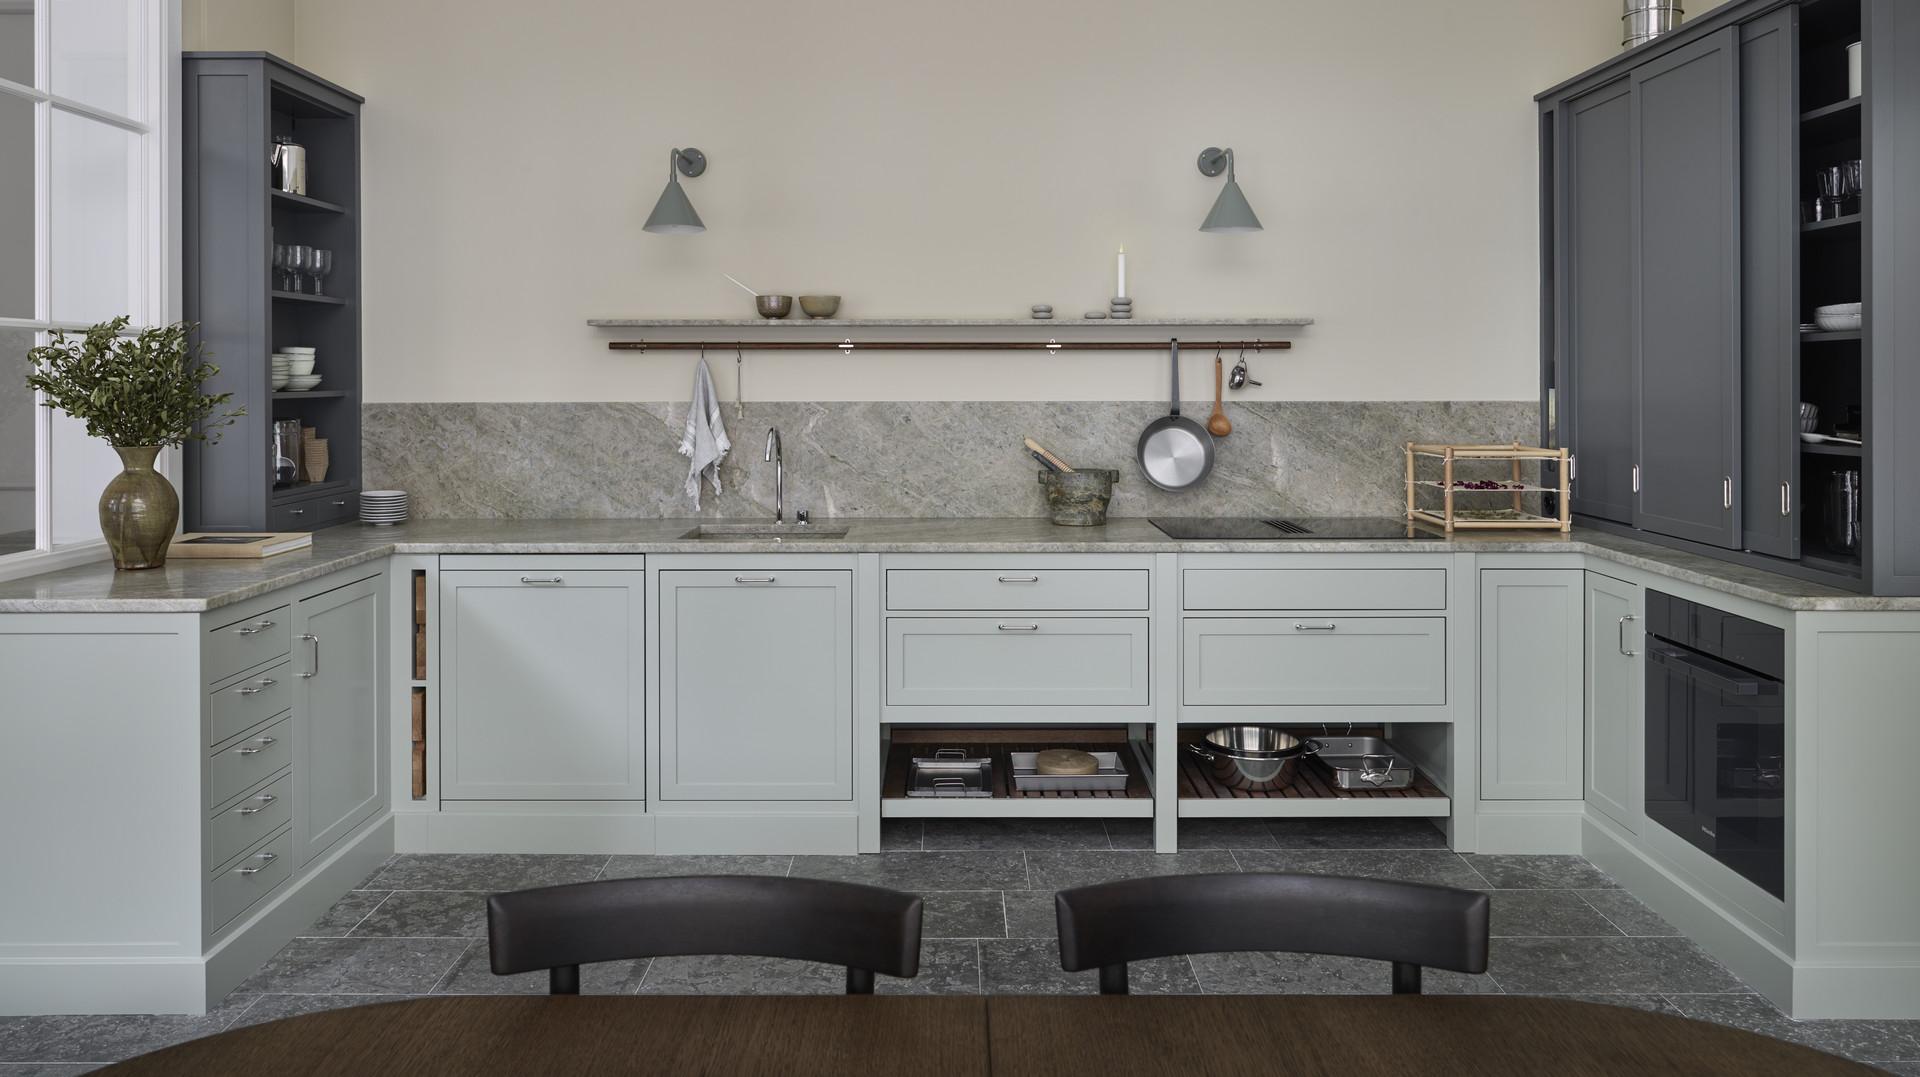 Bästa köksskåp för att få ditt hem att se nytt ut